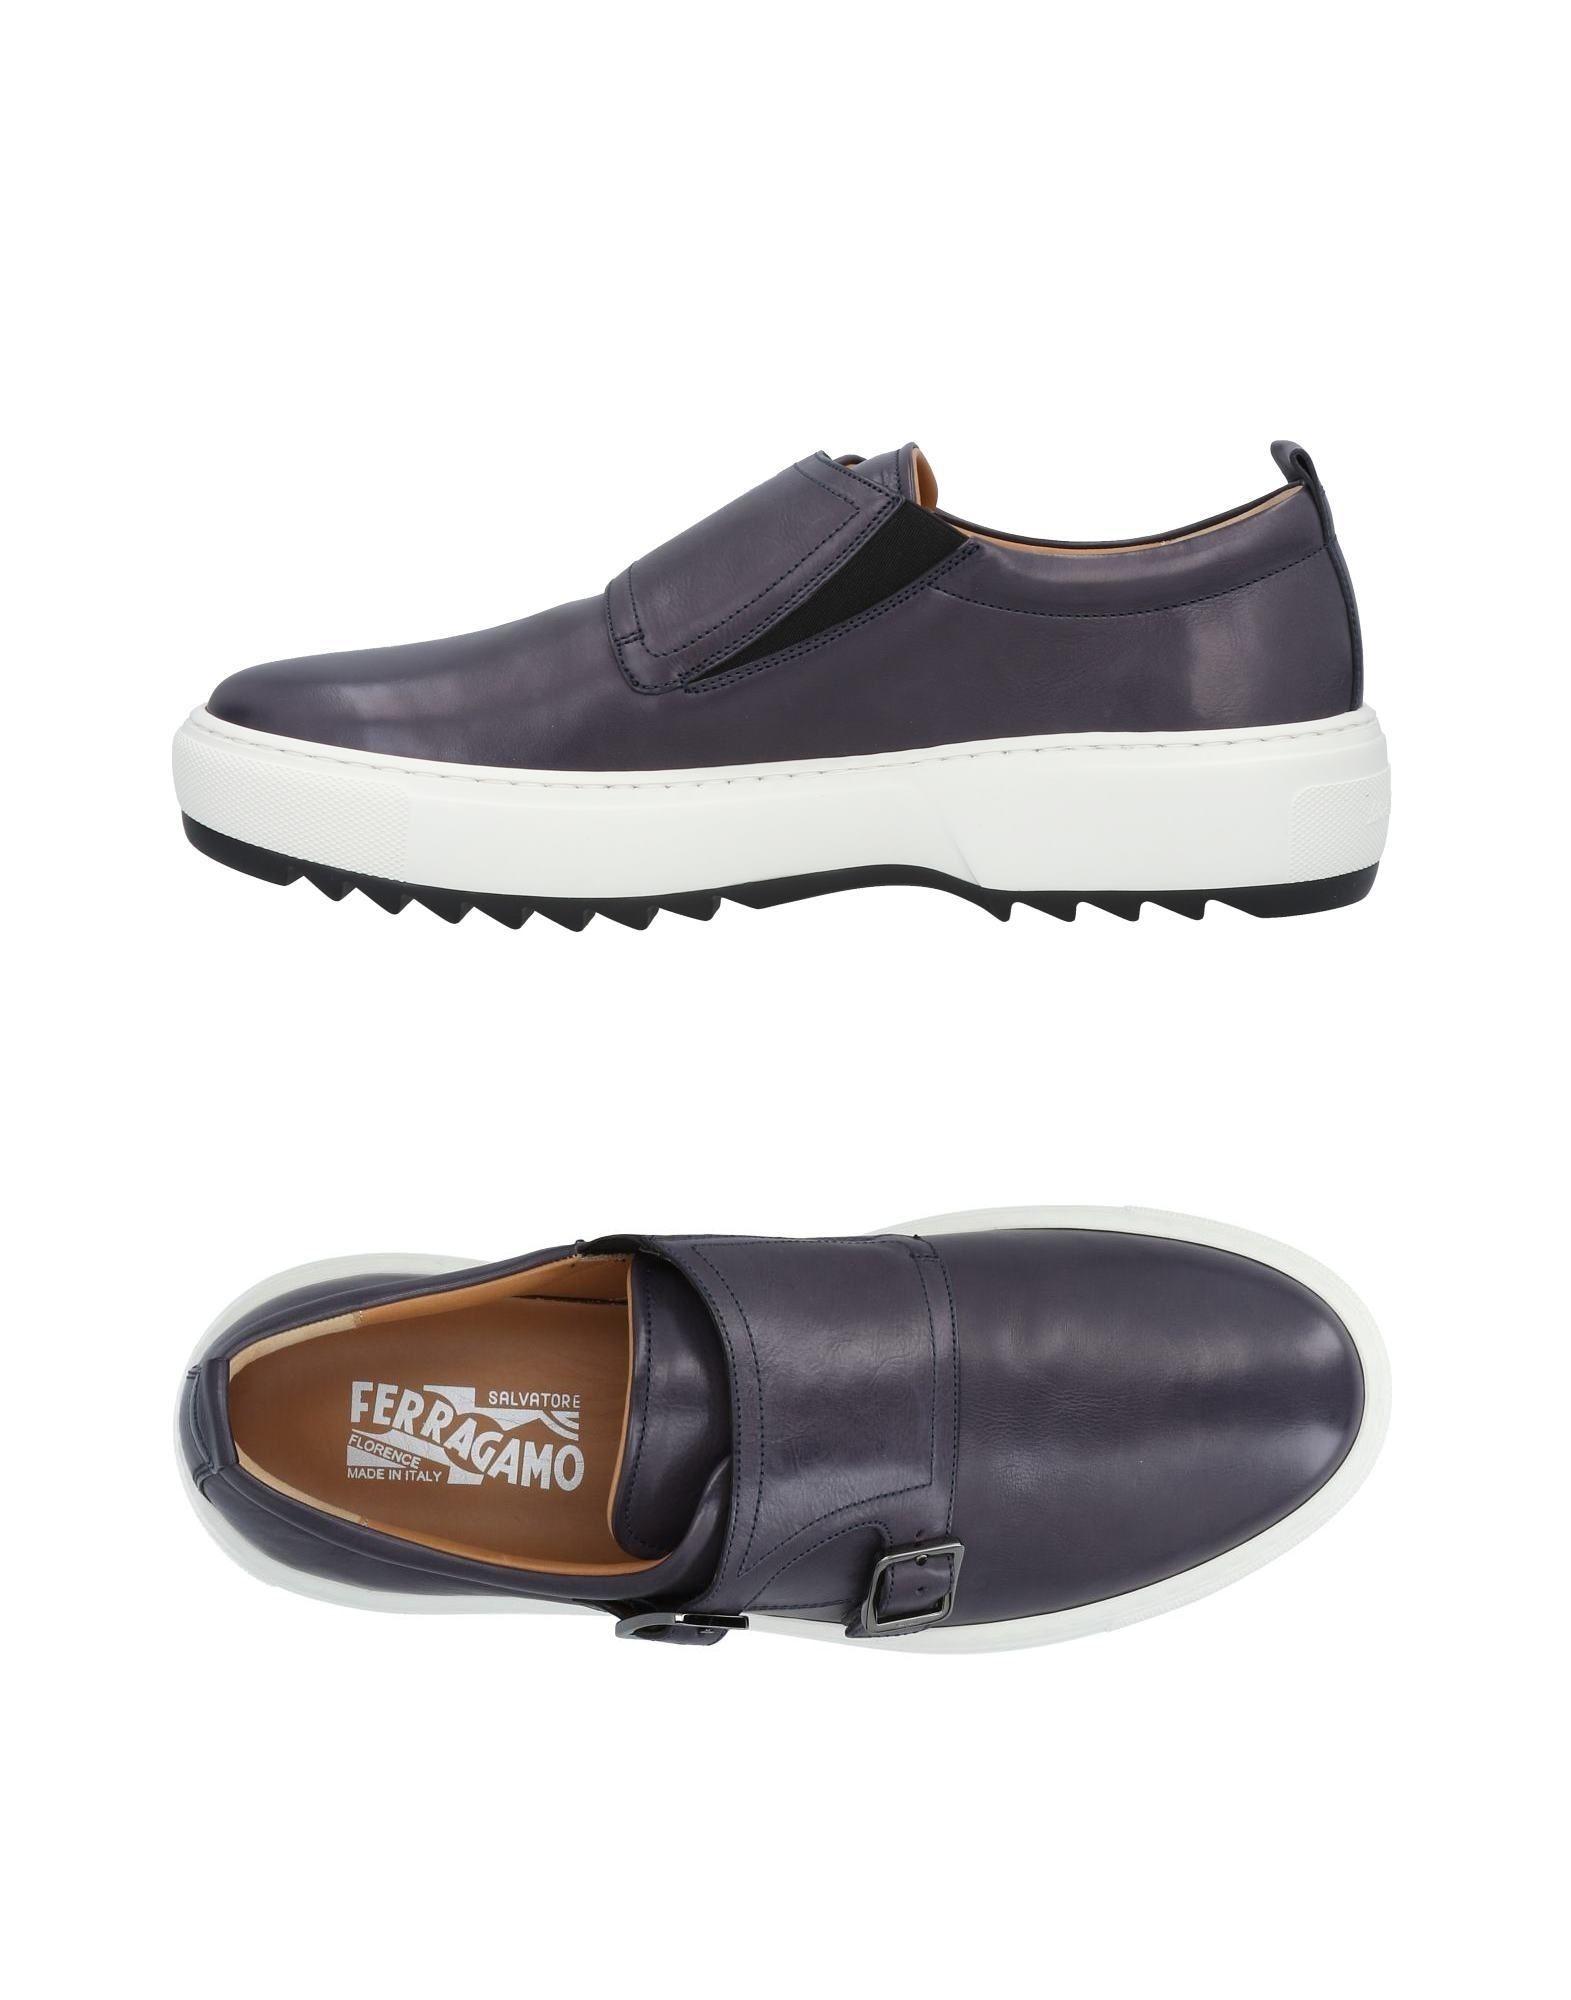 Salvatore Ferragamo Sneakers Herren  11488907XP Gute Qualität beliebte Schuhe